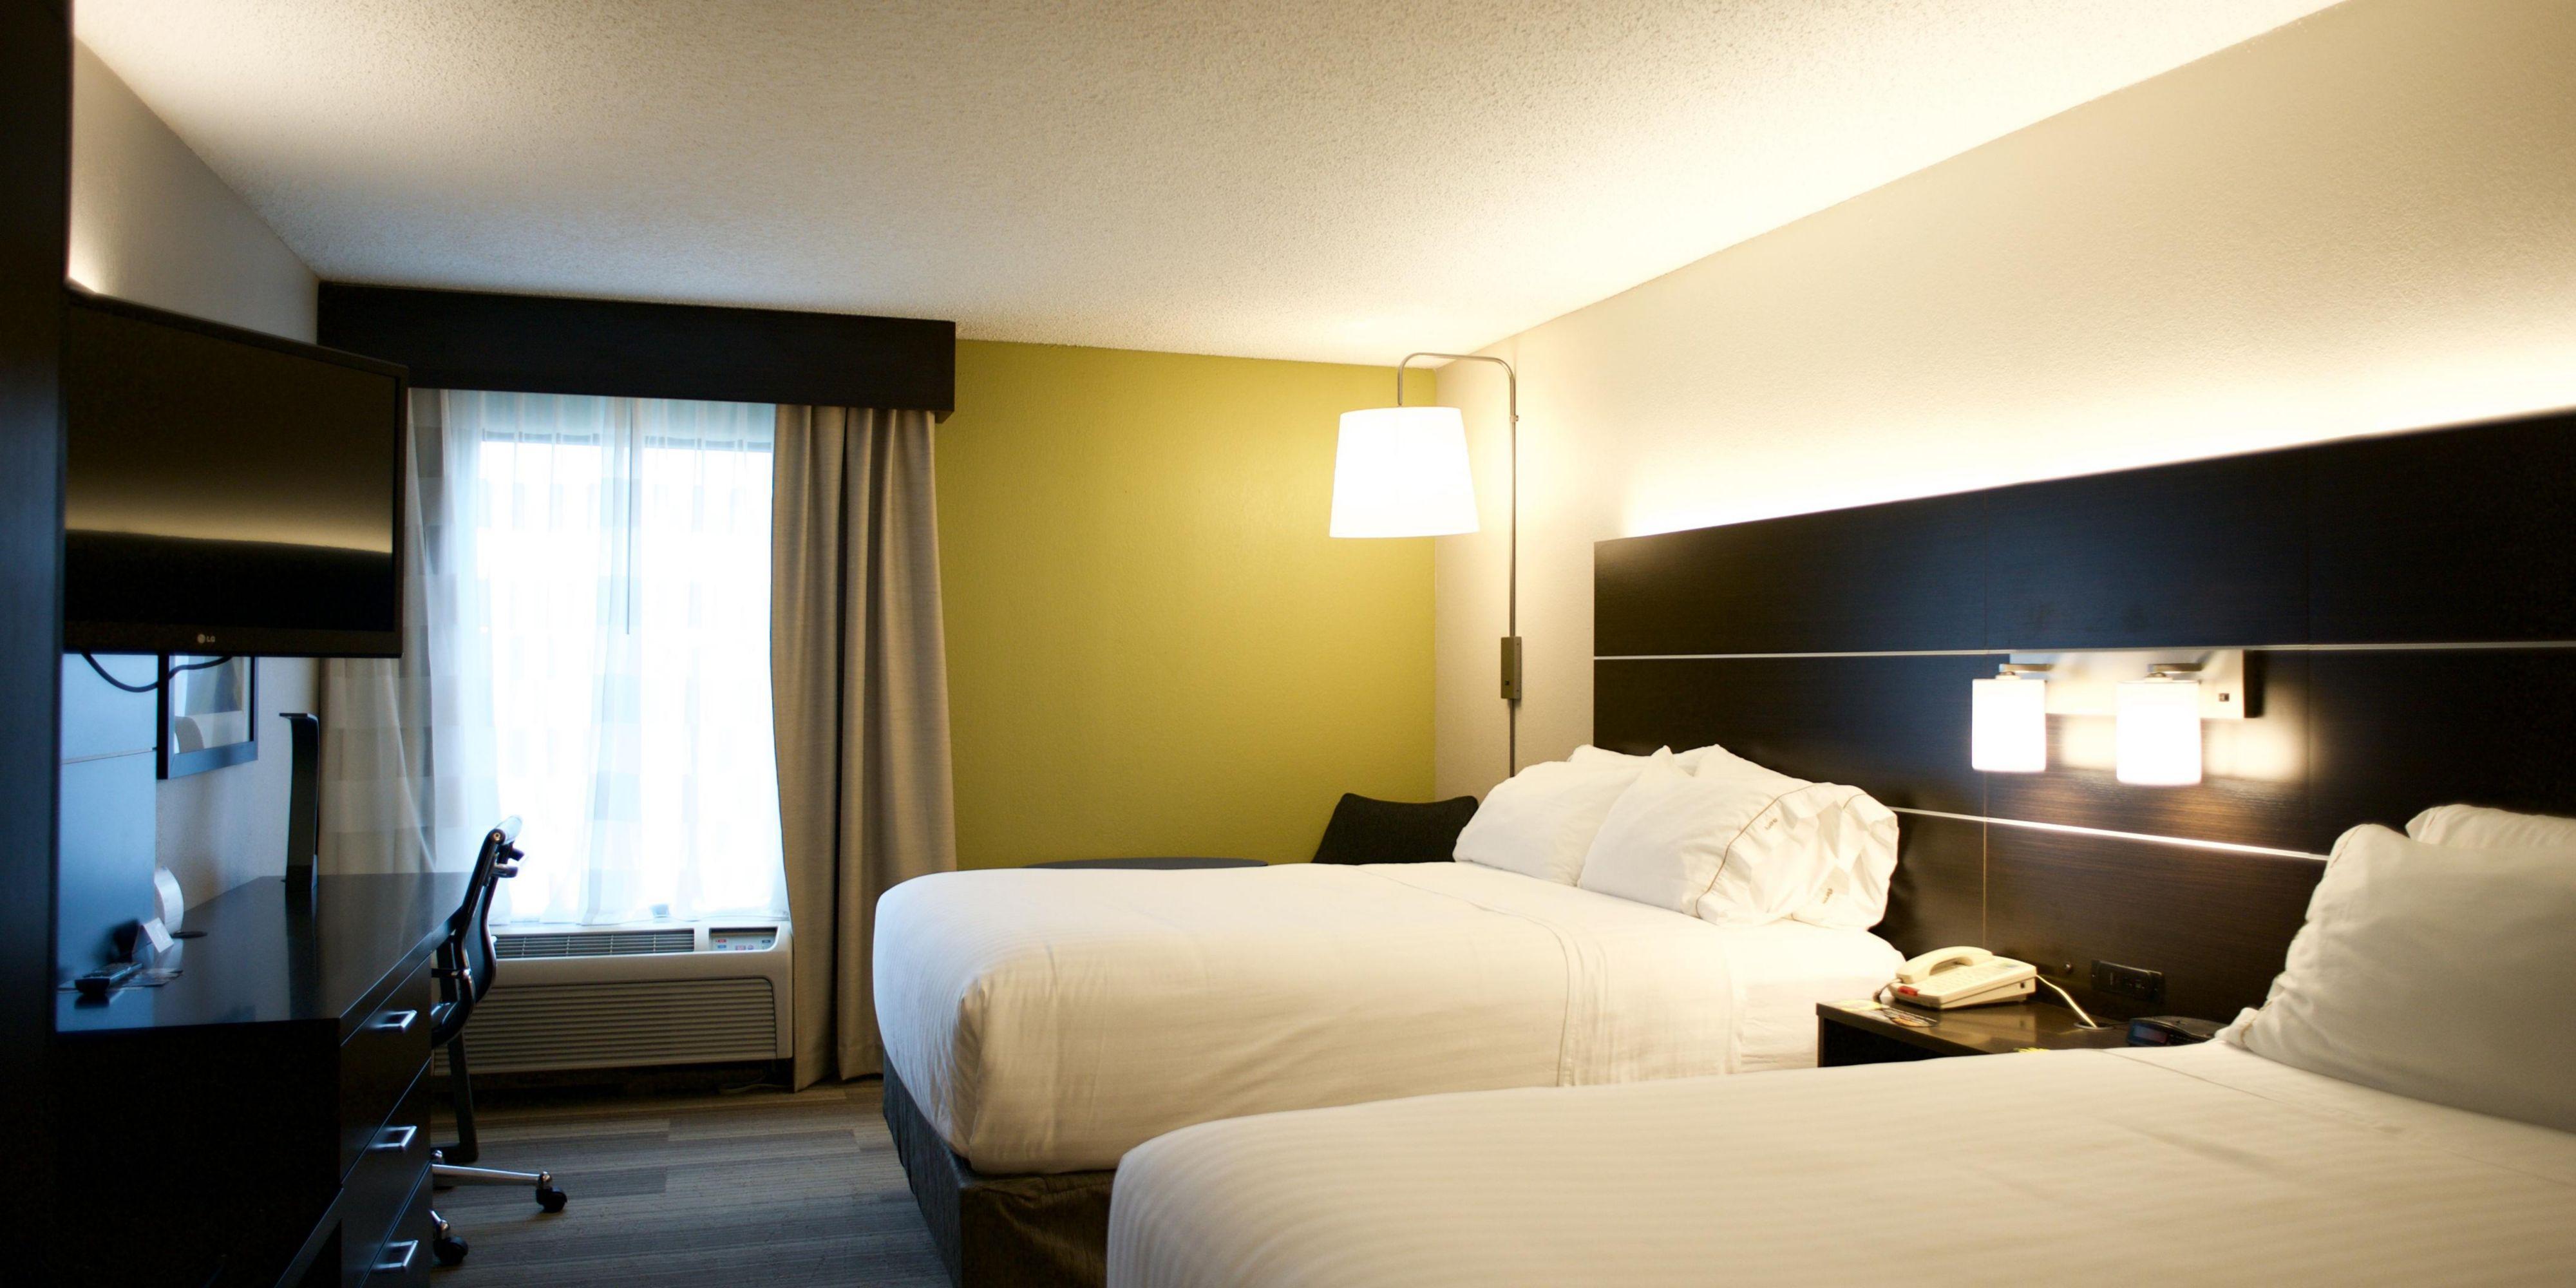 Holiday Inn Express Douglasville 5250179455 2x1